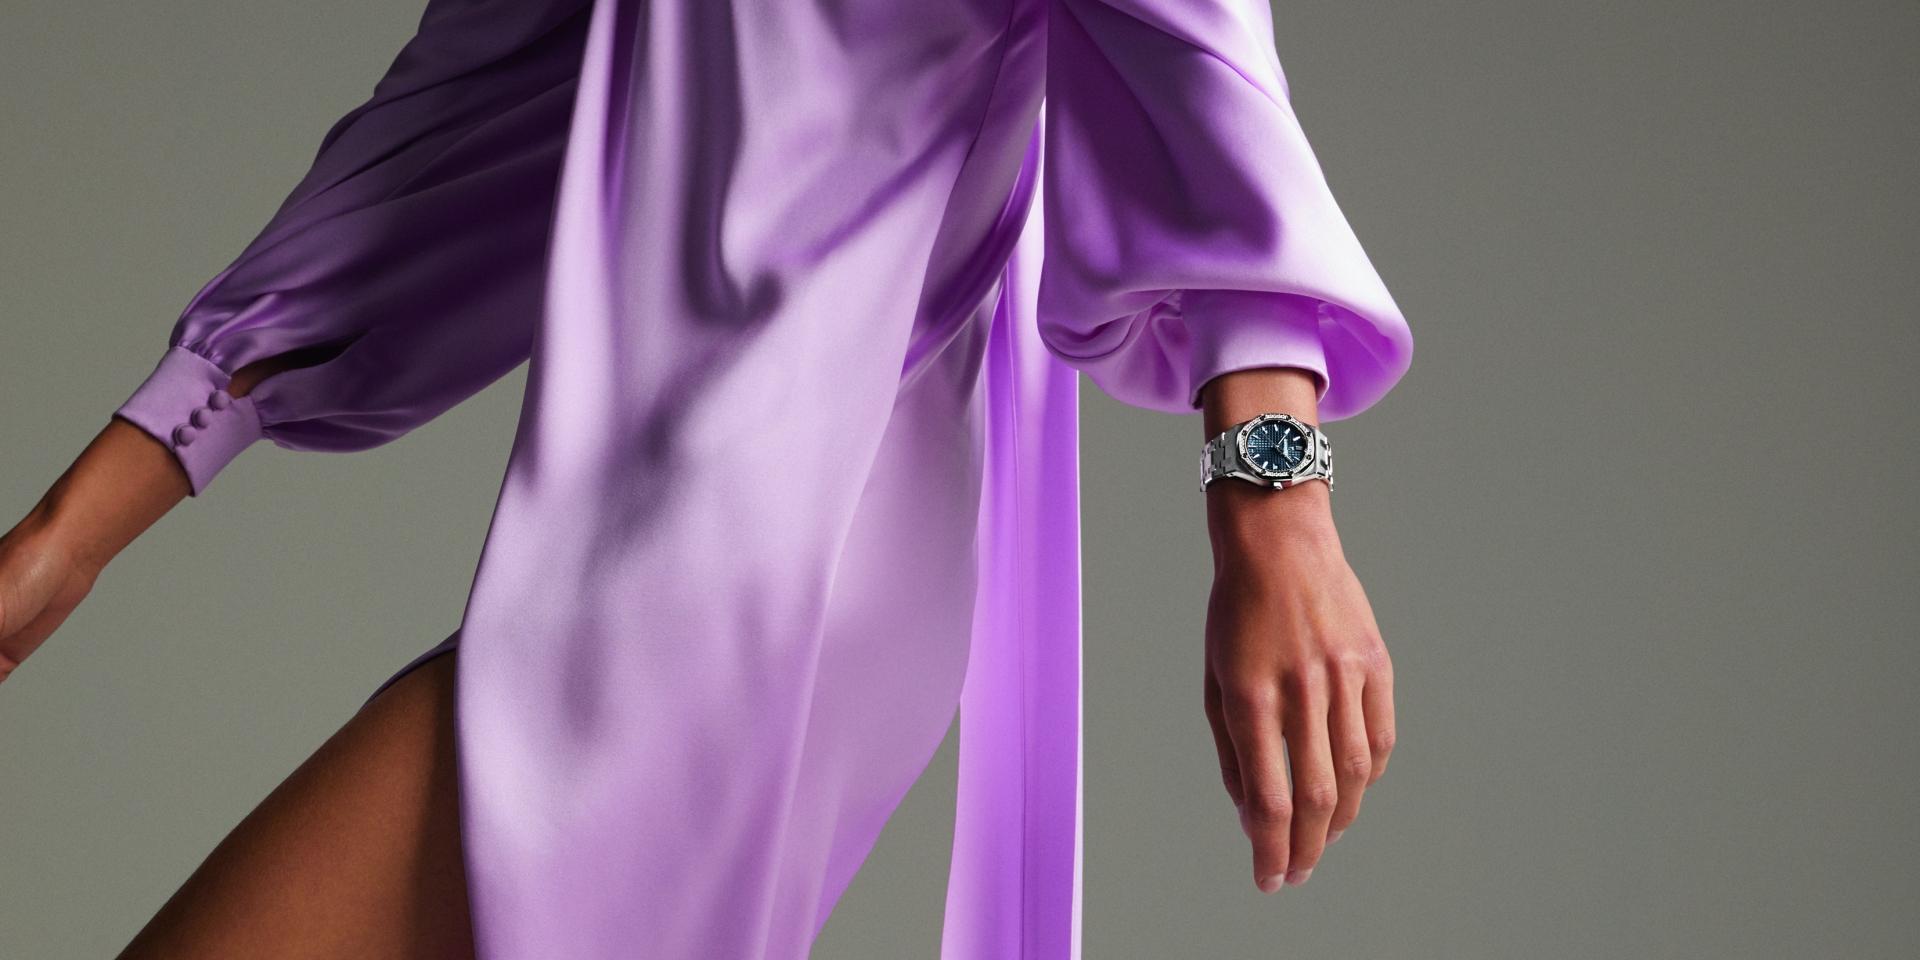 【2020線上錶展】極致工藝與時尚美學的全新結合:愛彼皇家橡樹系列新款上場